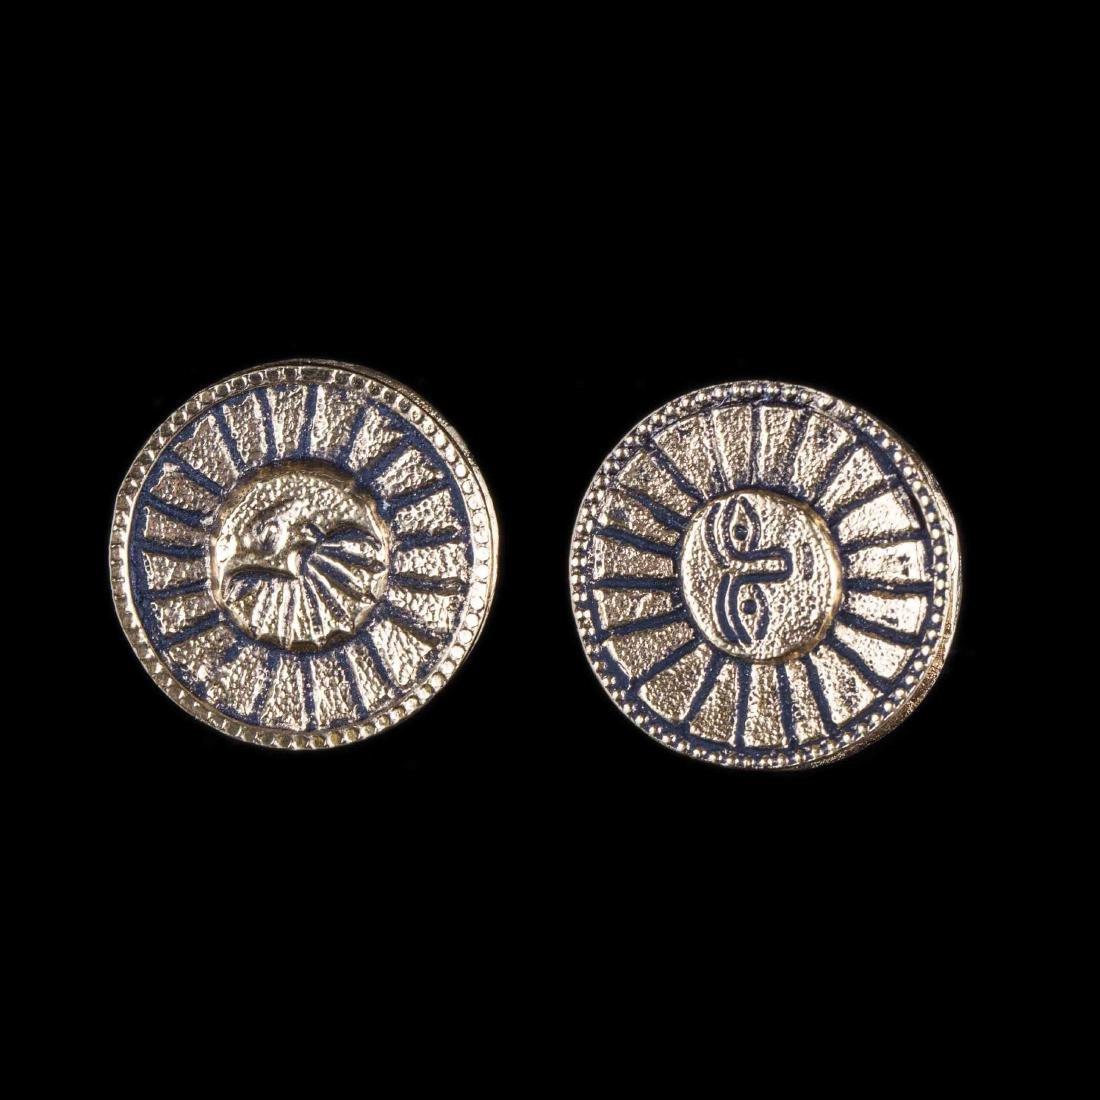 Chanel Moon and Sun earclips